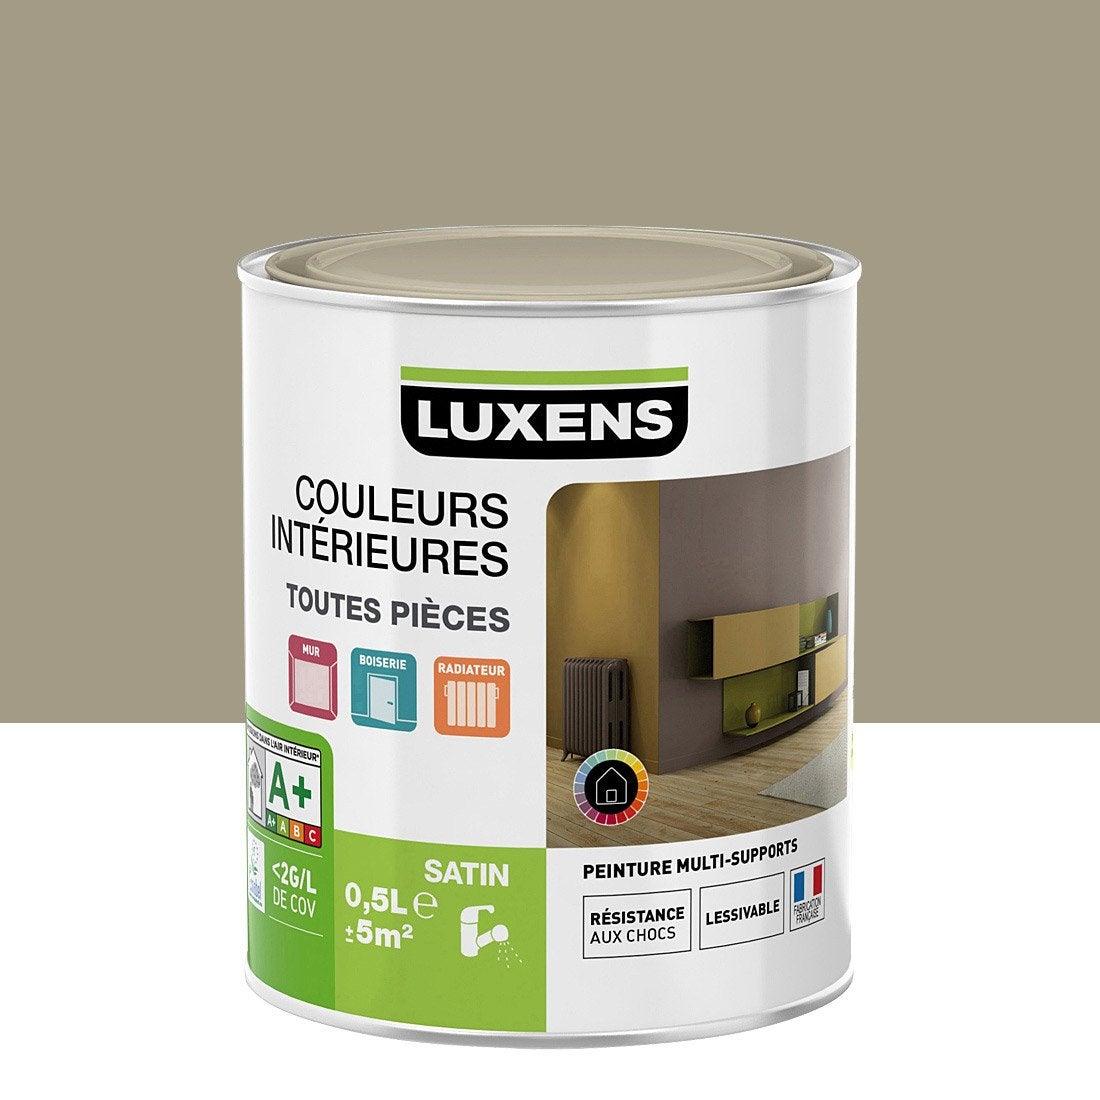 Peinture Gris Doré 5 Satin LUXENS Couleurs Intérieures Satin 0.5 L